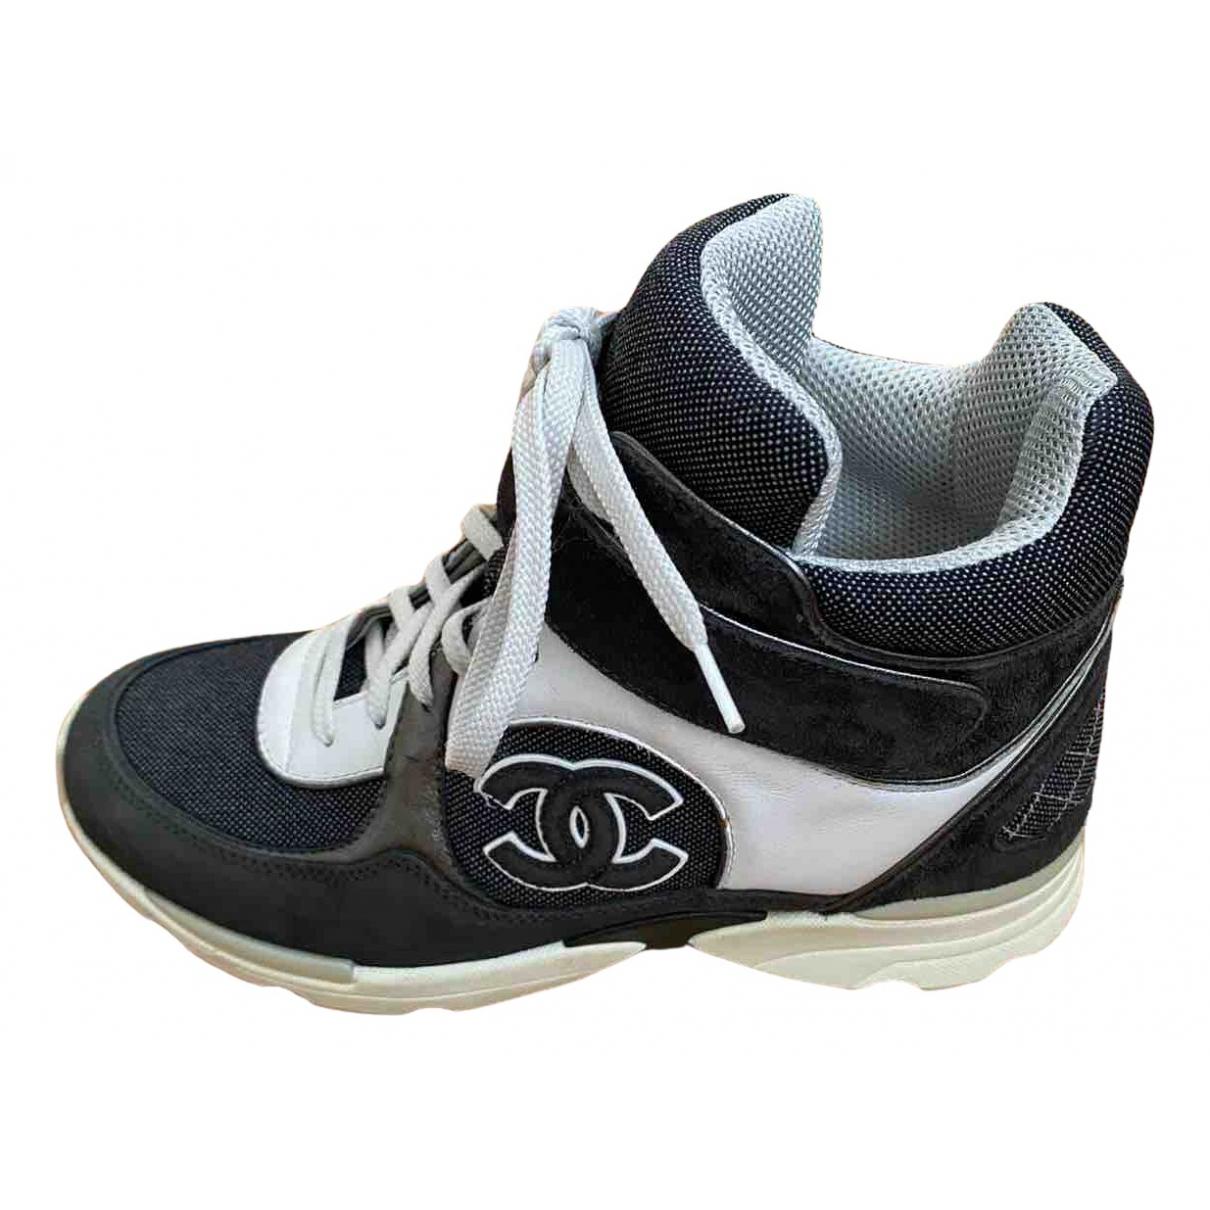 Chanel - Baskets Ankle Strap pour femme en toile - gris